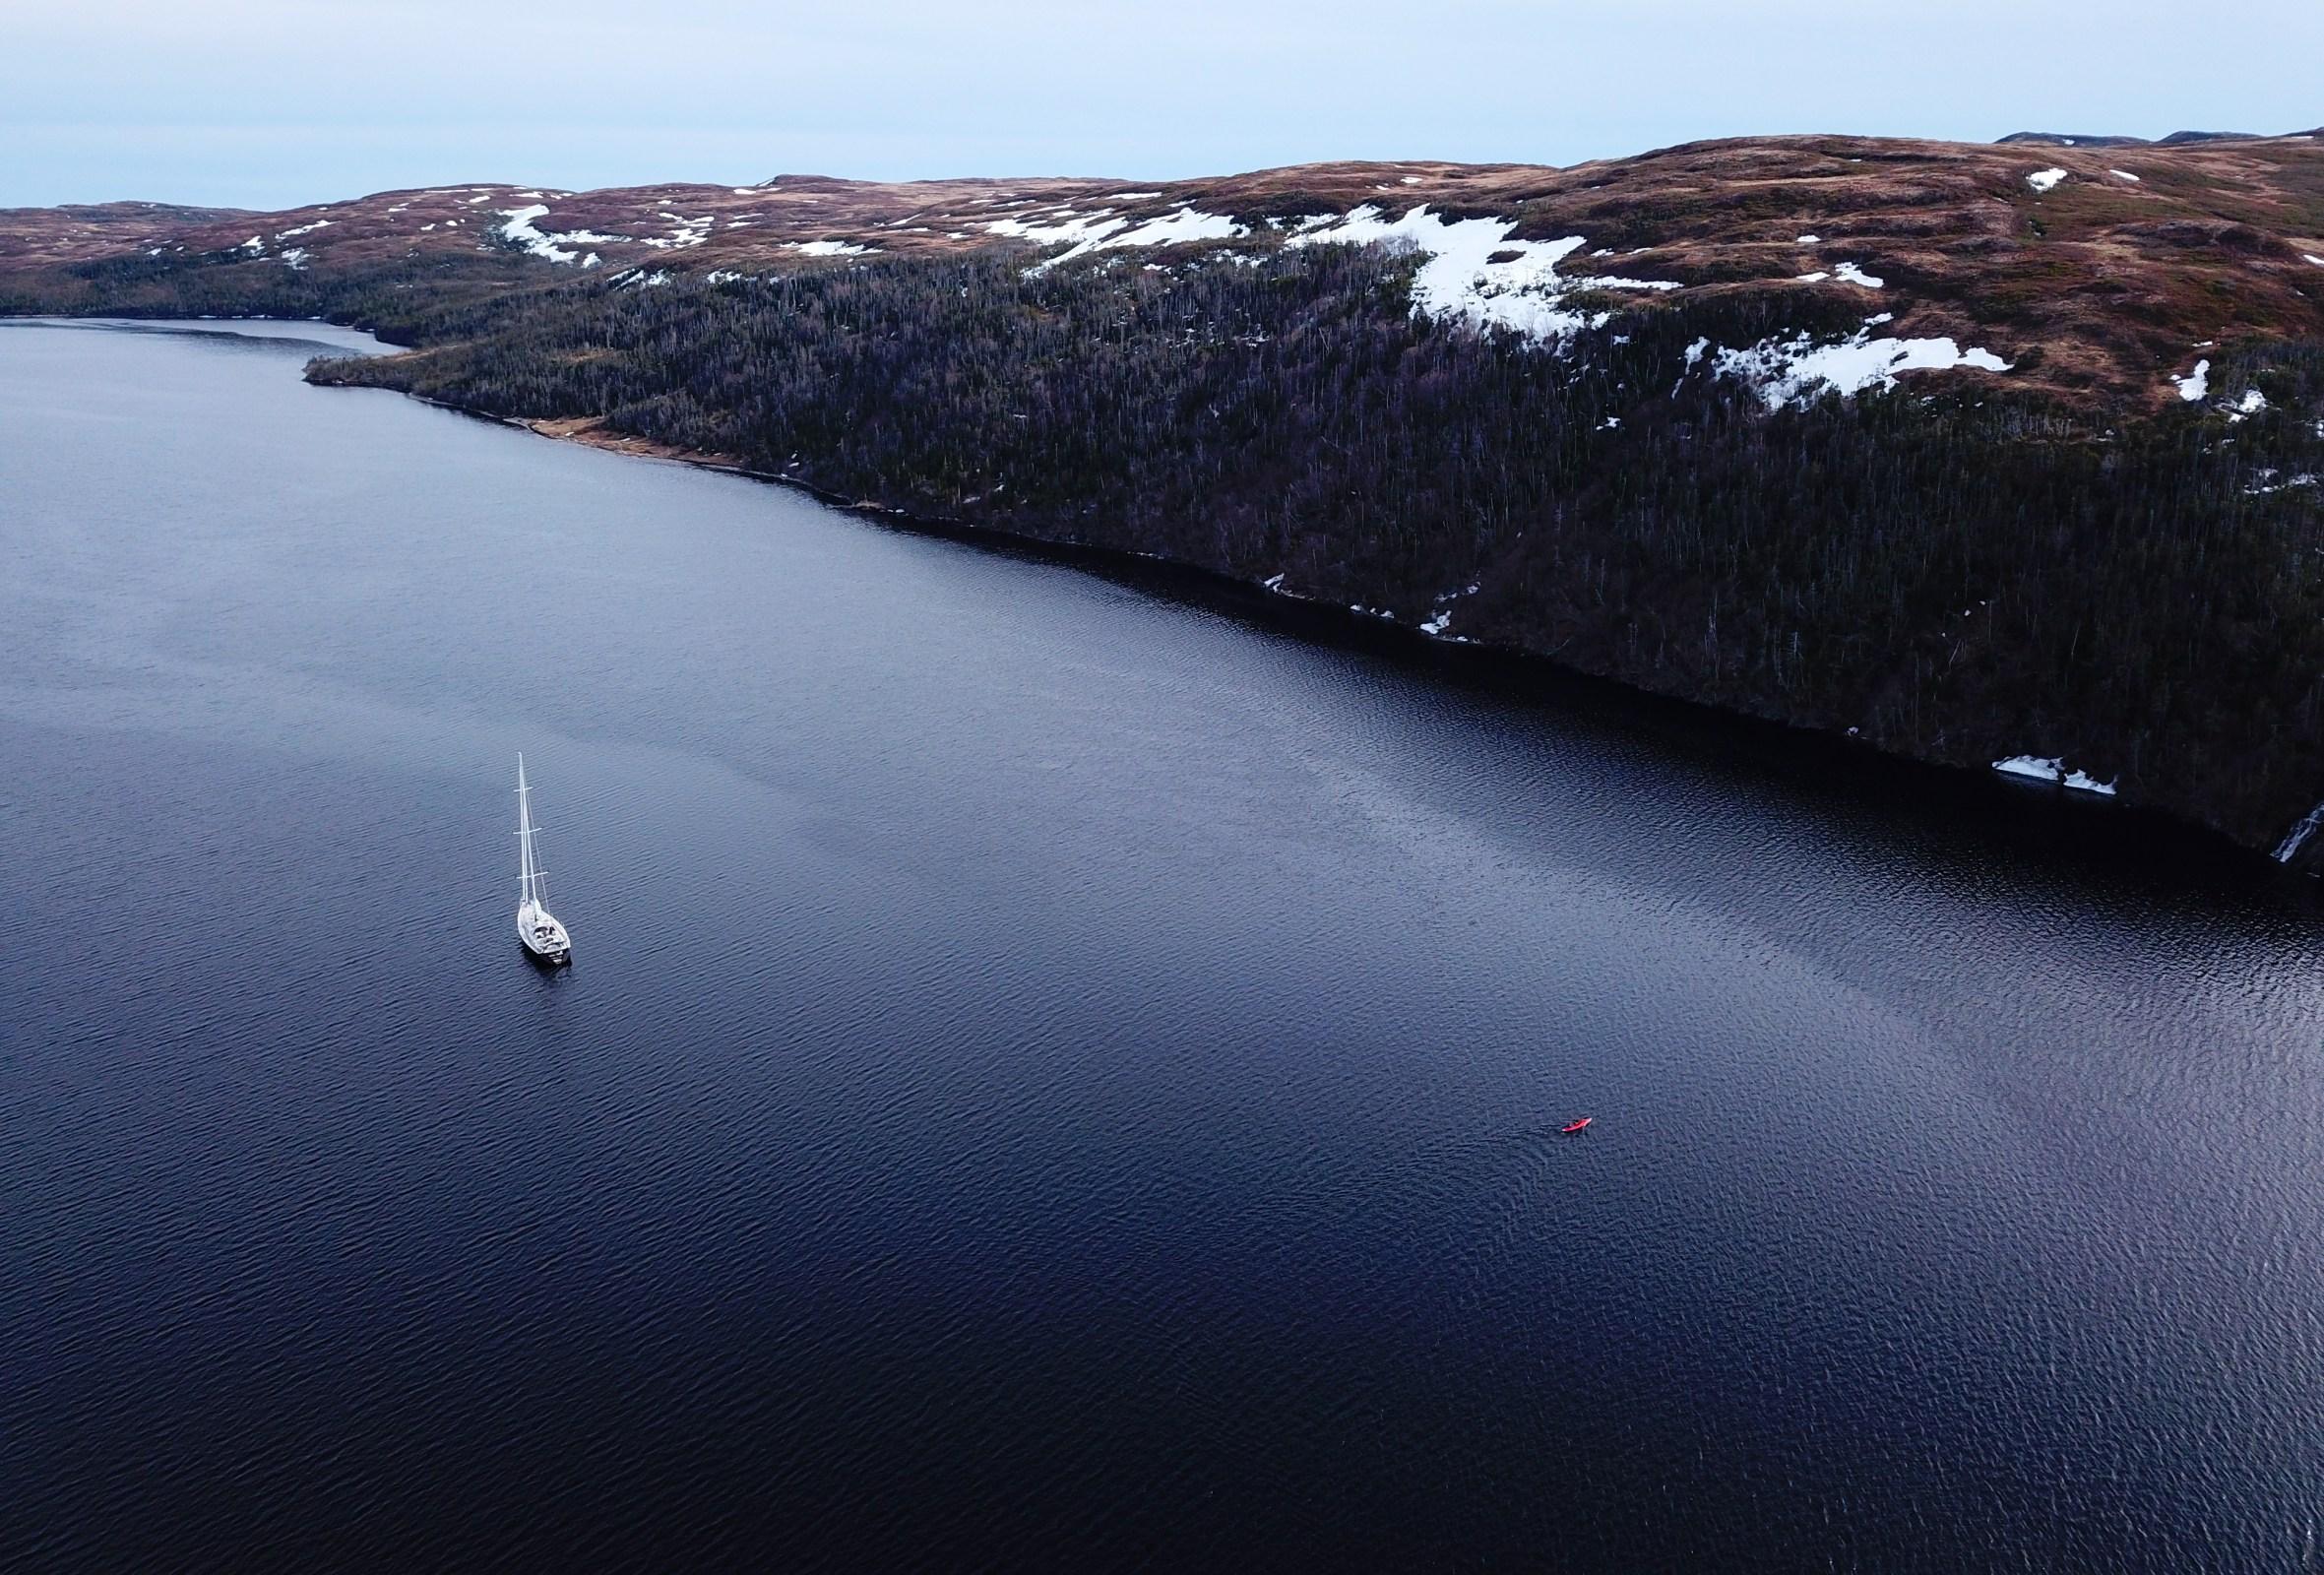 Vue de drone lors d'une croisière à Terre-Neuve